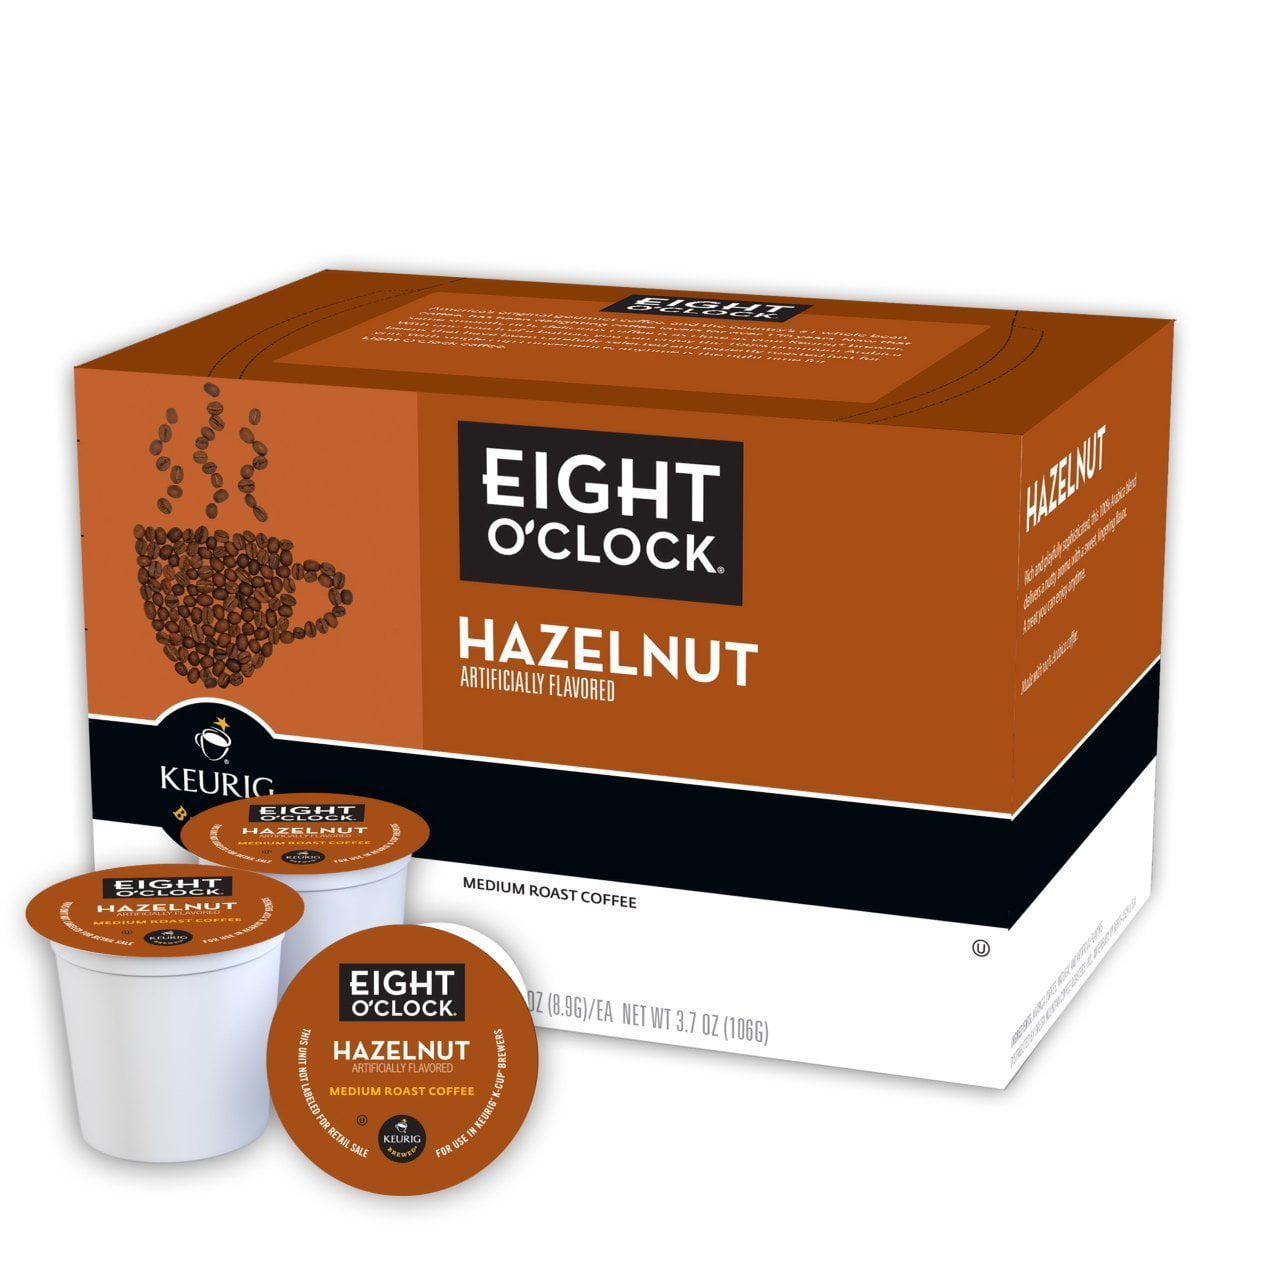 EIGHT O'CLOCK COFFEE 96 K CUPS OF HAZELNUT